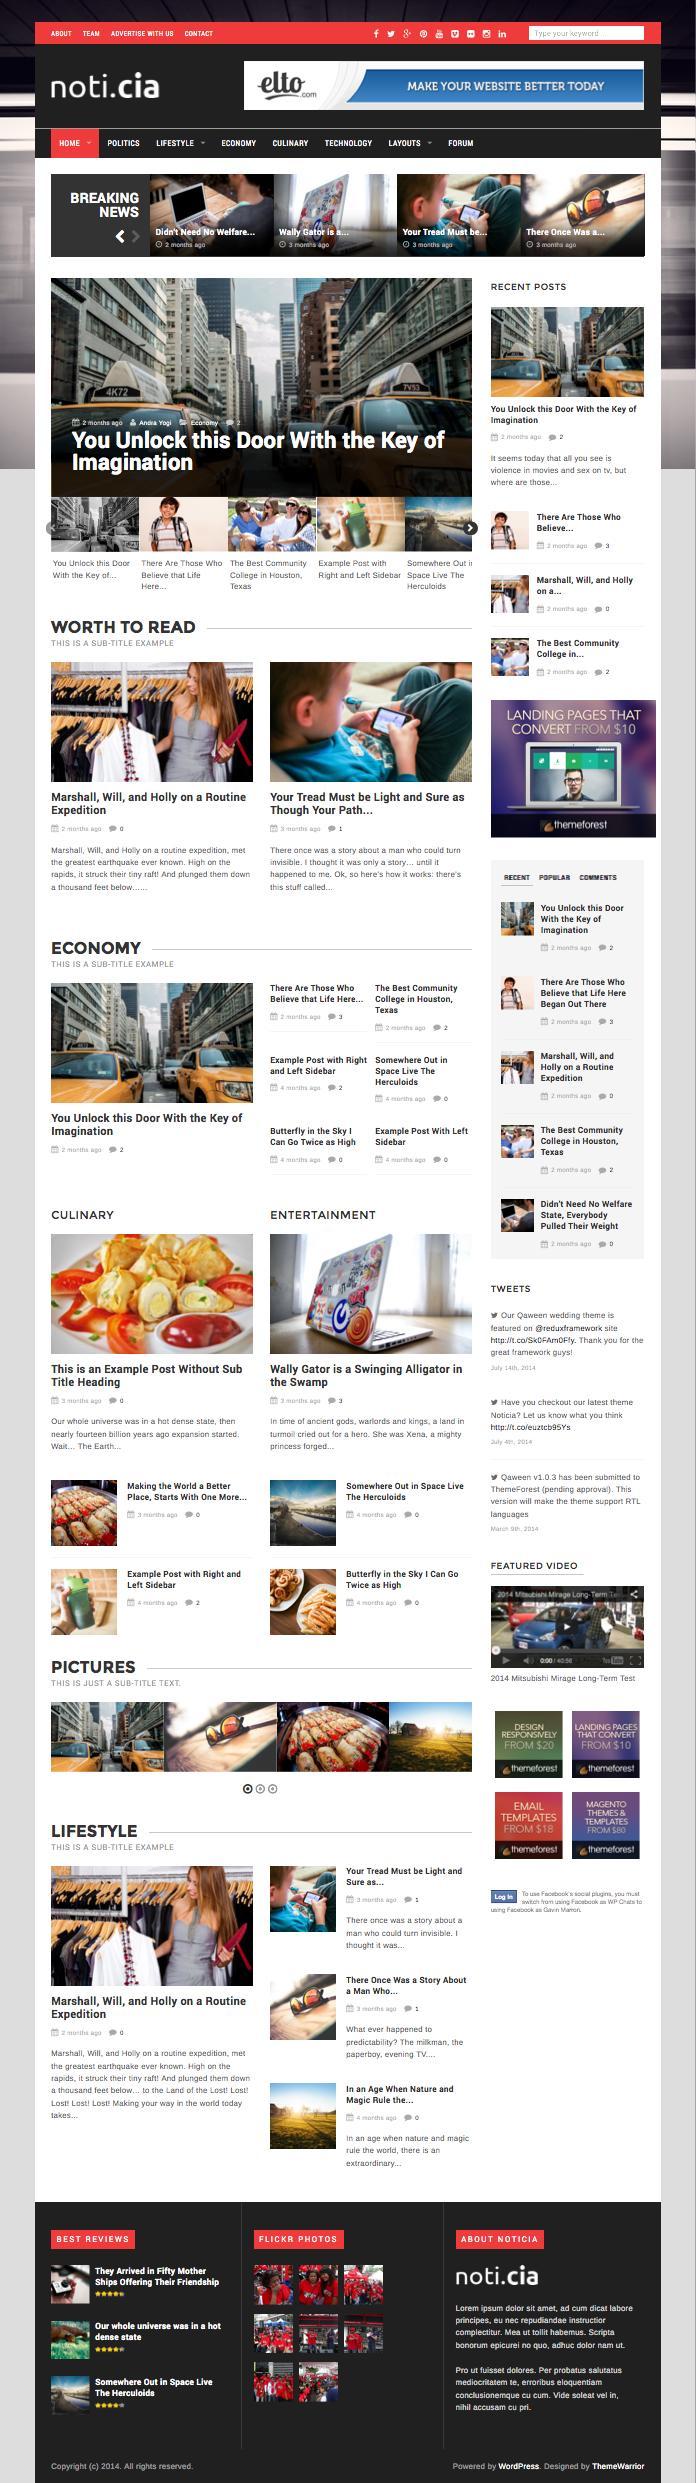 Noticia WordPress News Style Theme